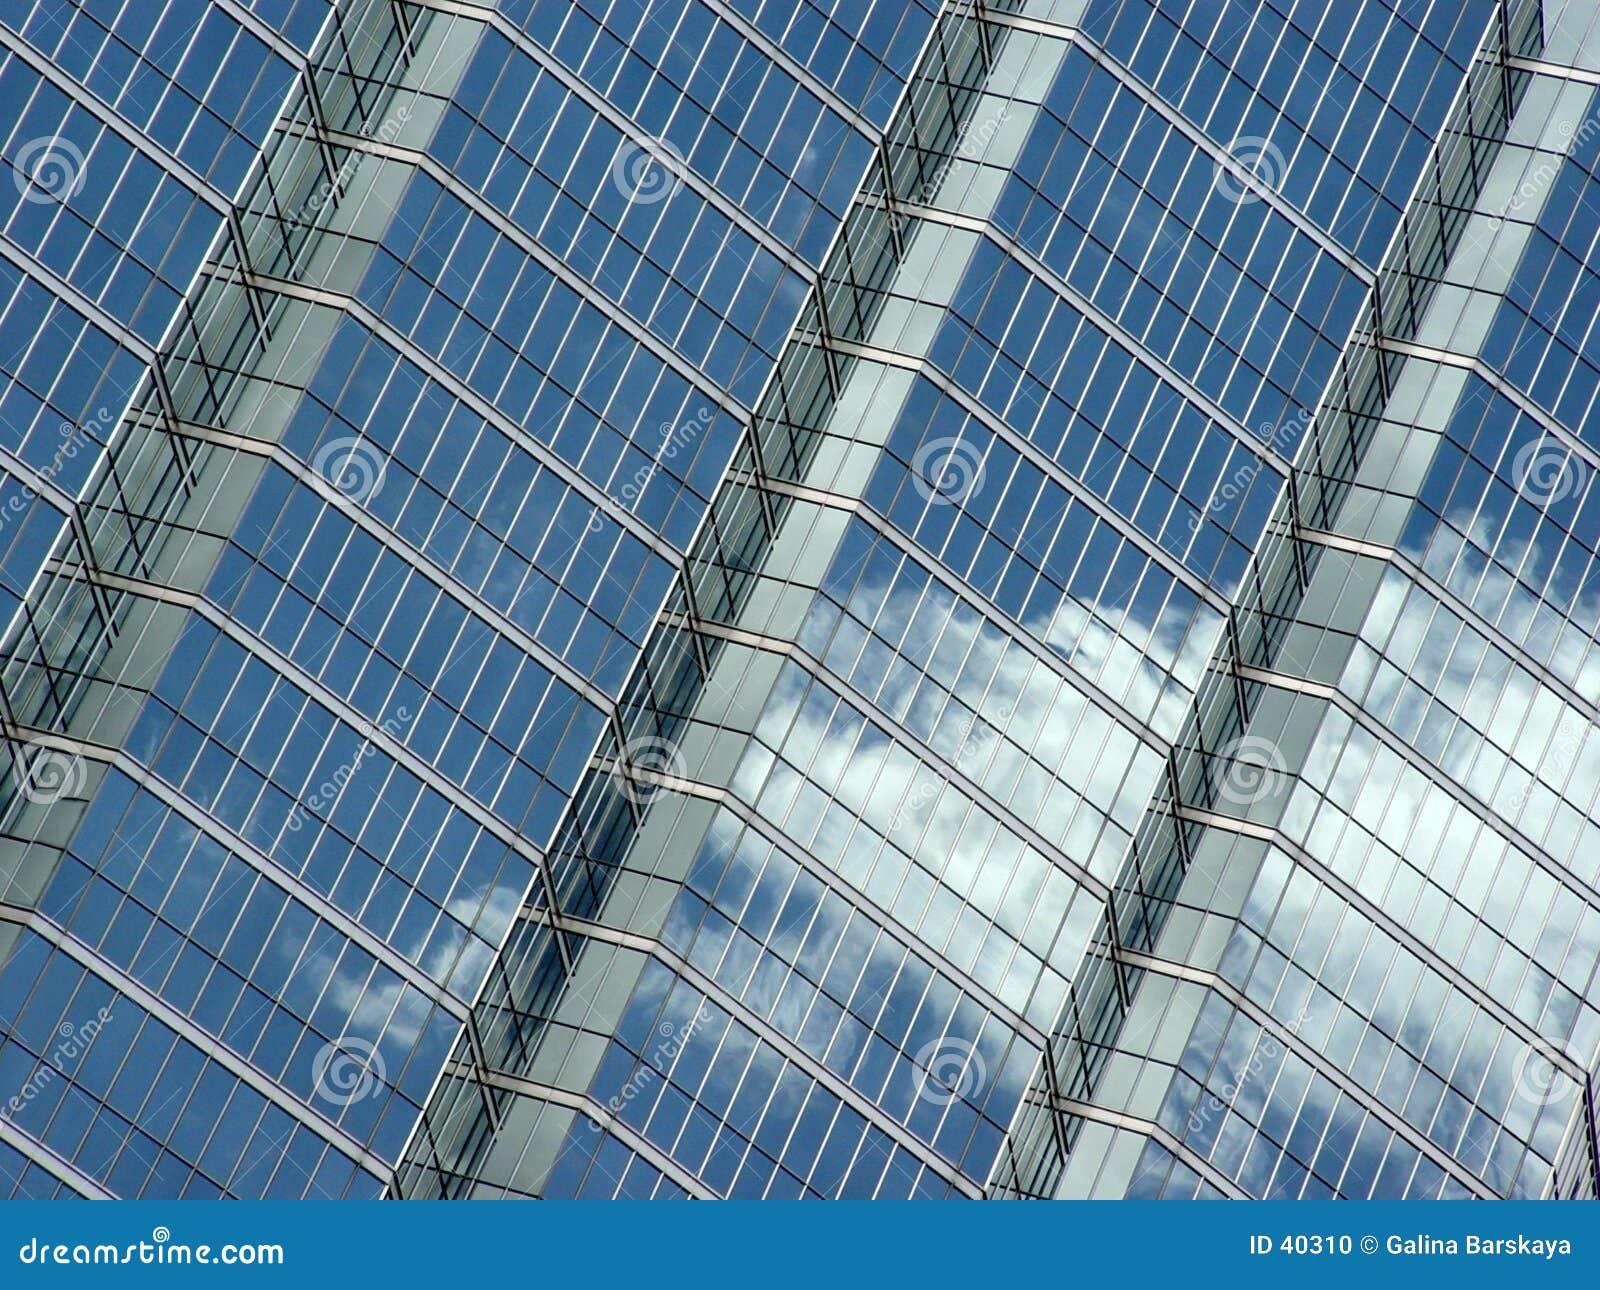 Reflexion des blauen Himmels und der Wolken